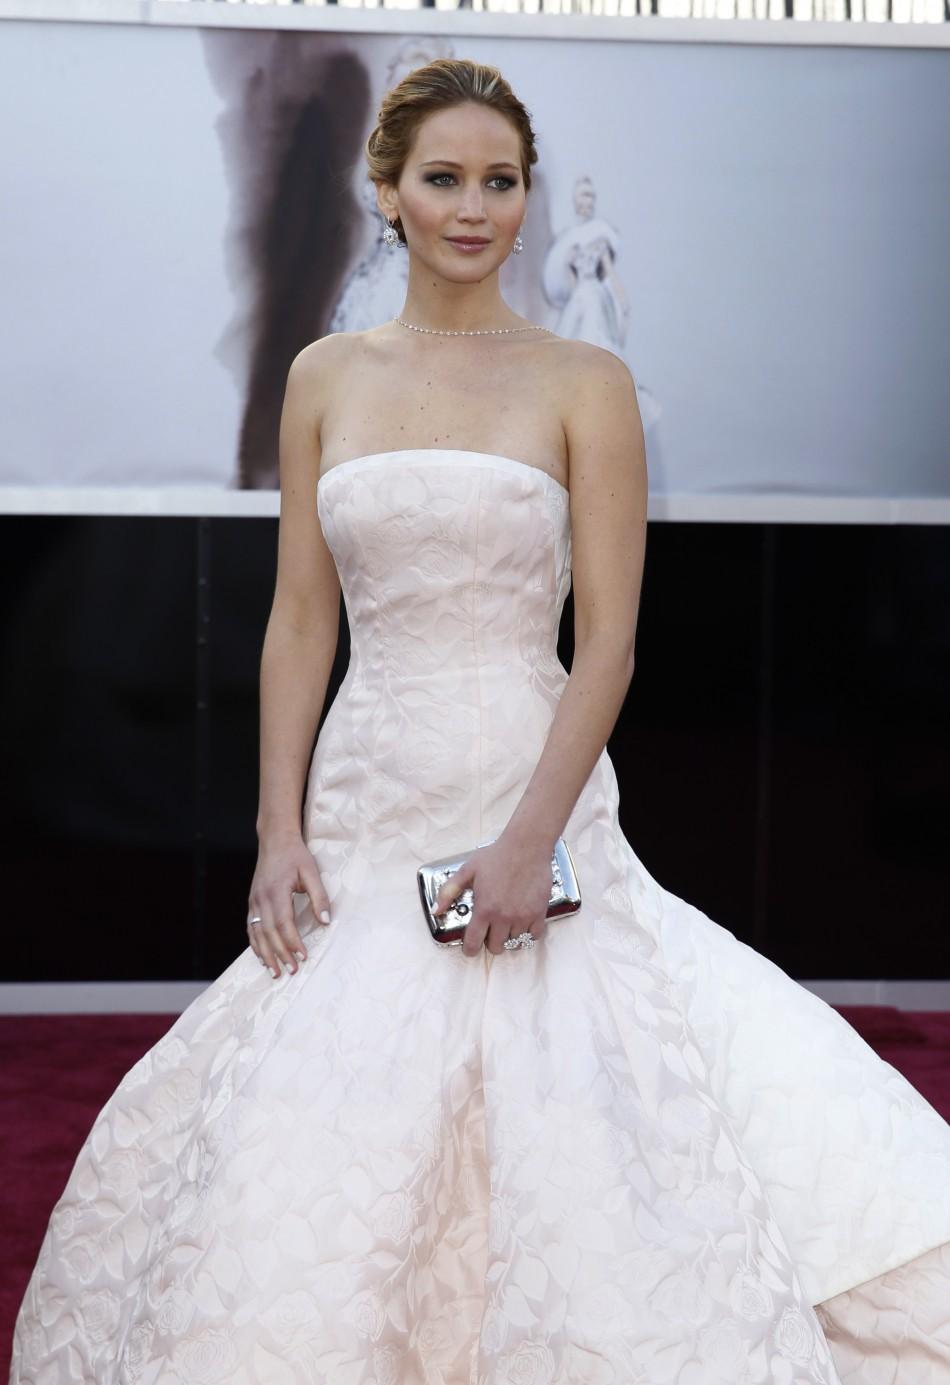 Oscars 2013 Live Red Carpet Arrivals Updates